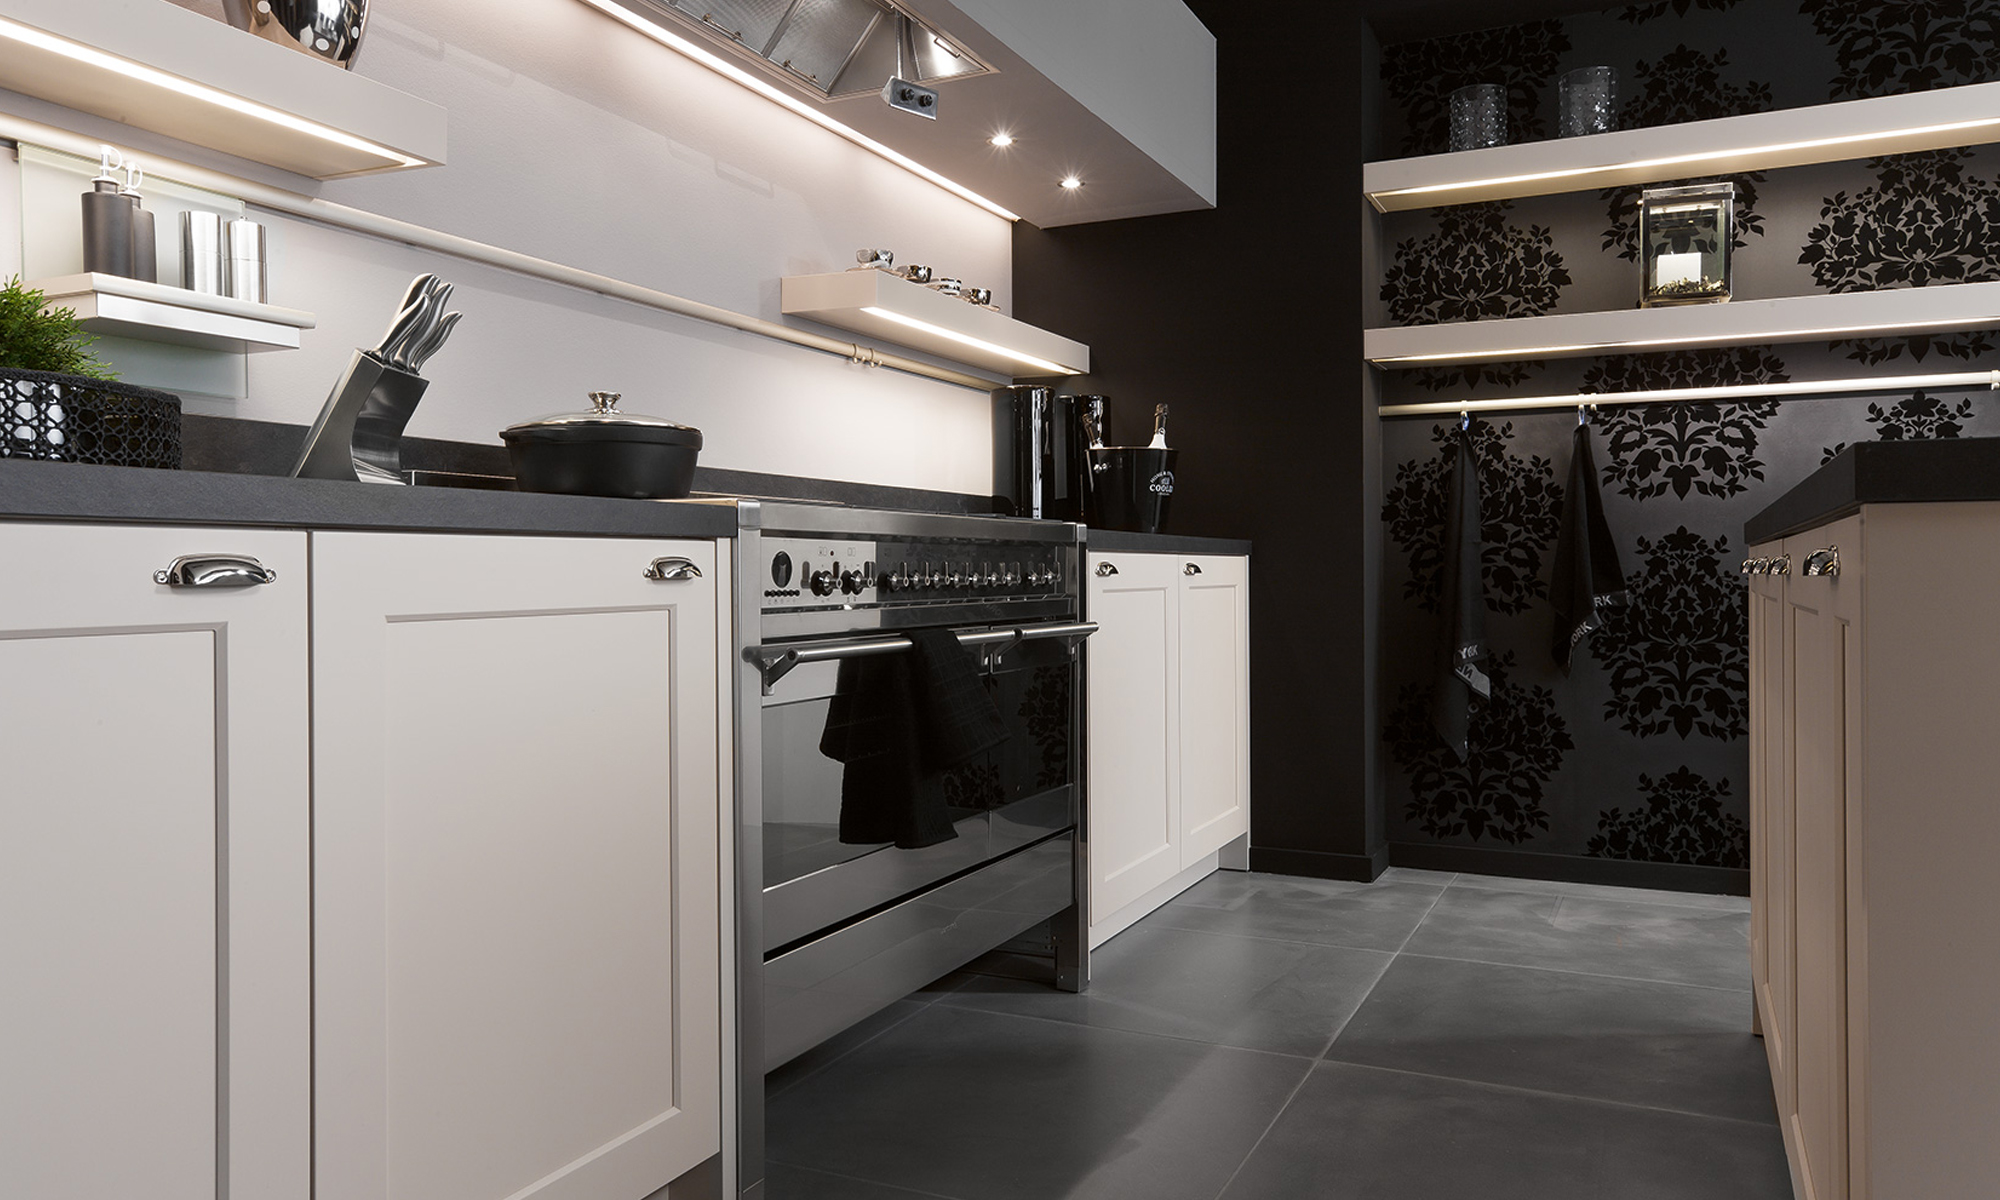 Kasten keukens feenstra keuken en bad